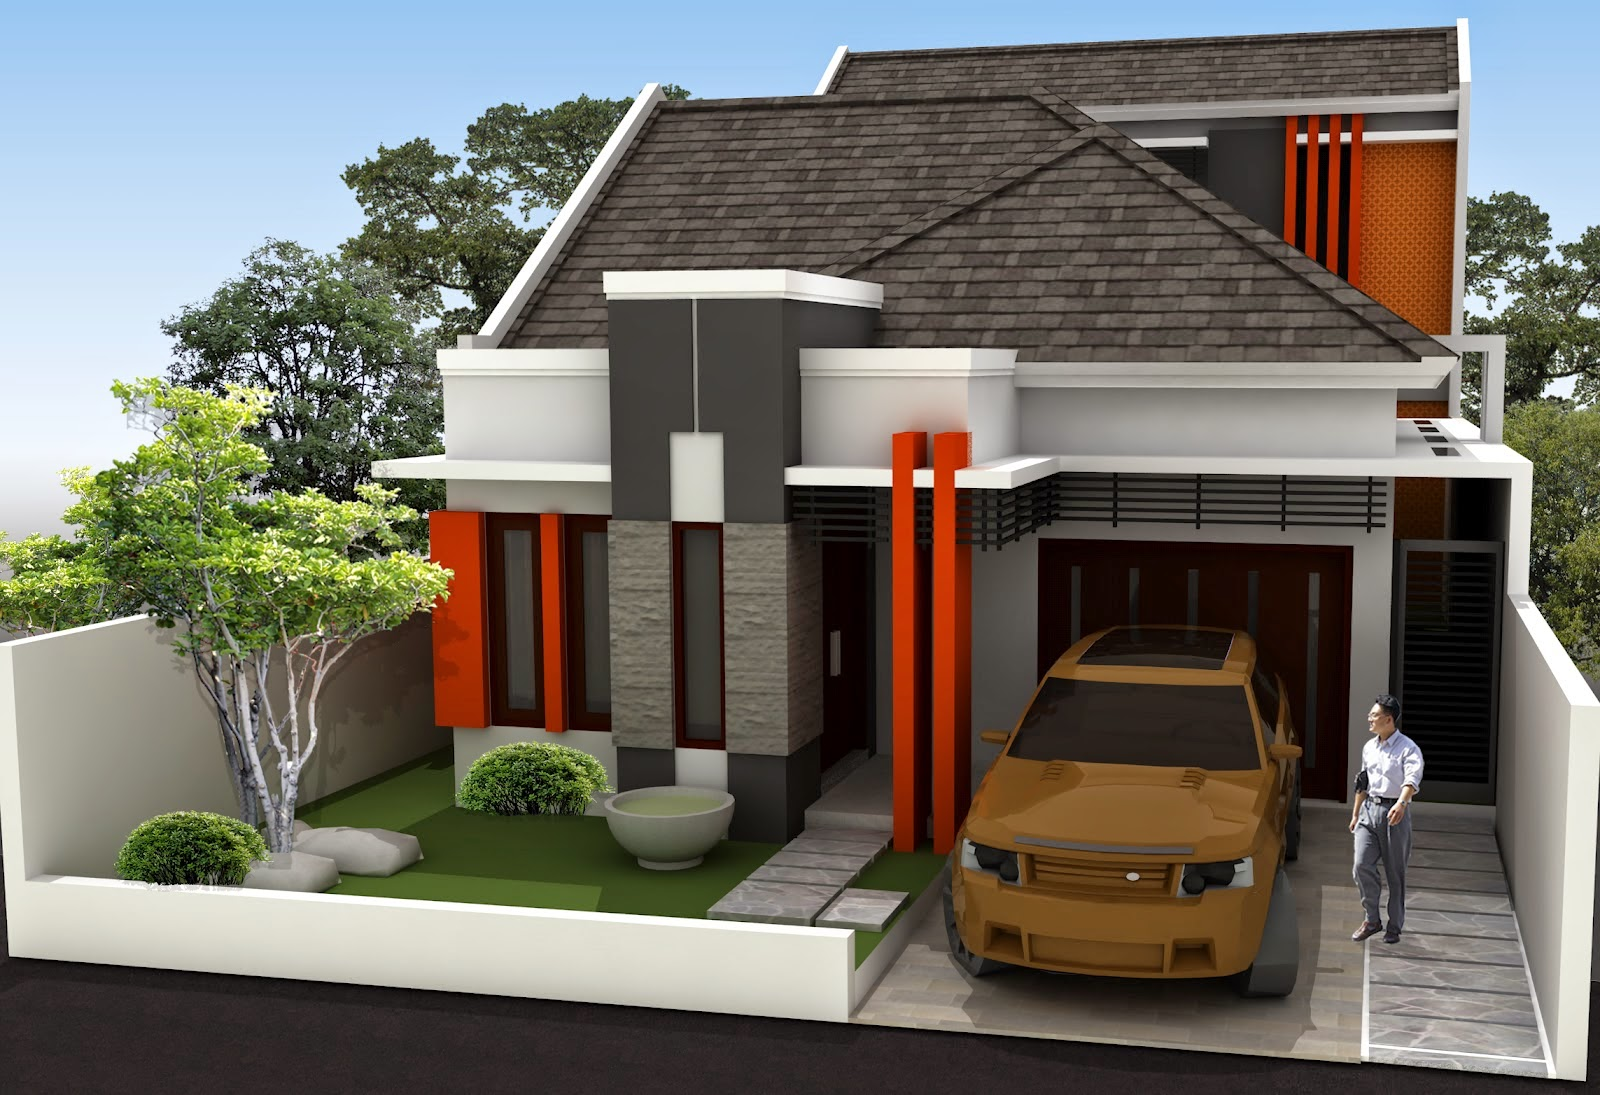 Pembagian Ruangan Pada Desain Rumah Minimalis 1 Lantai